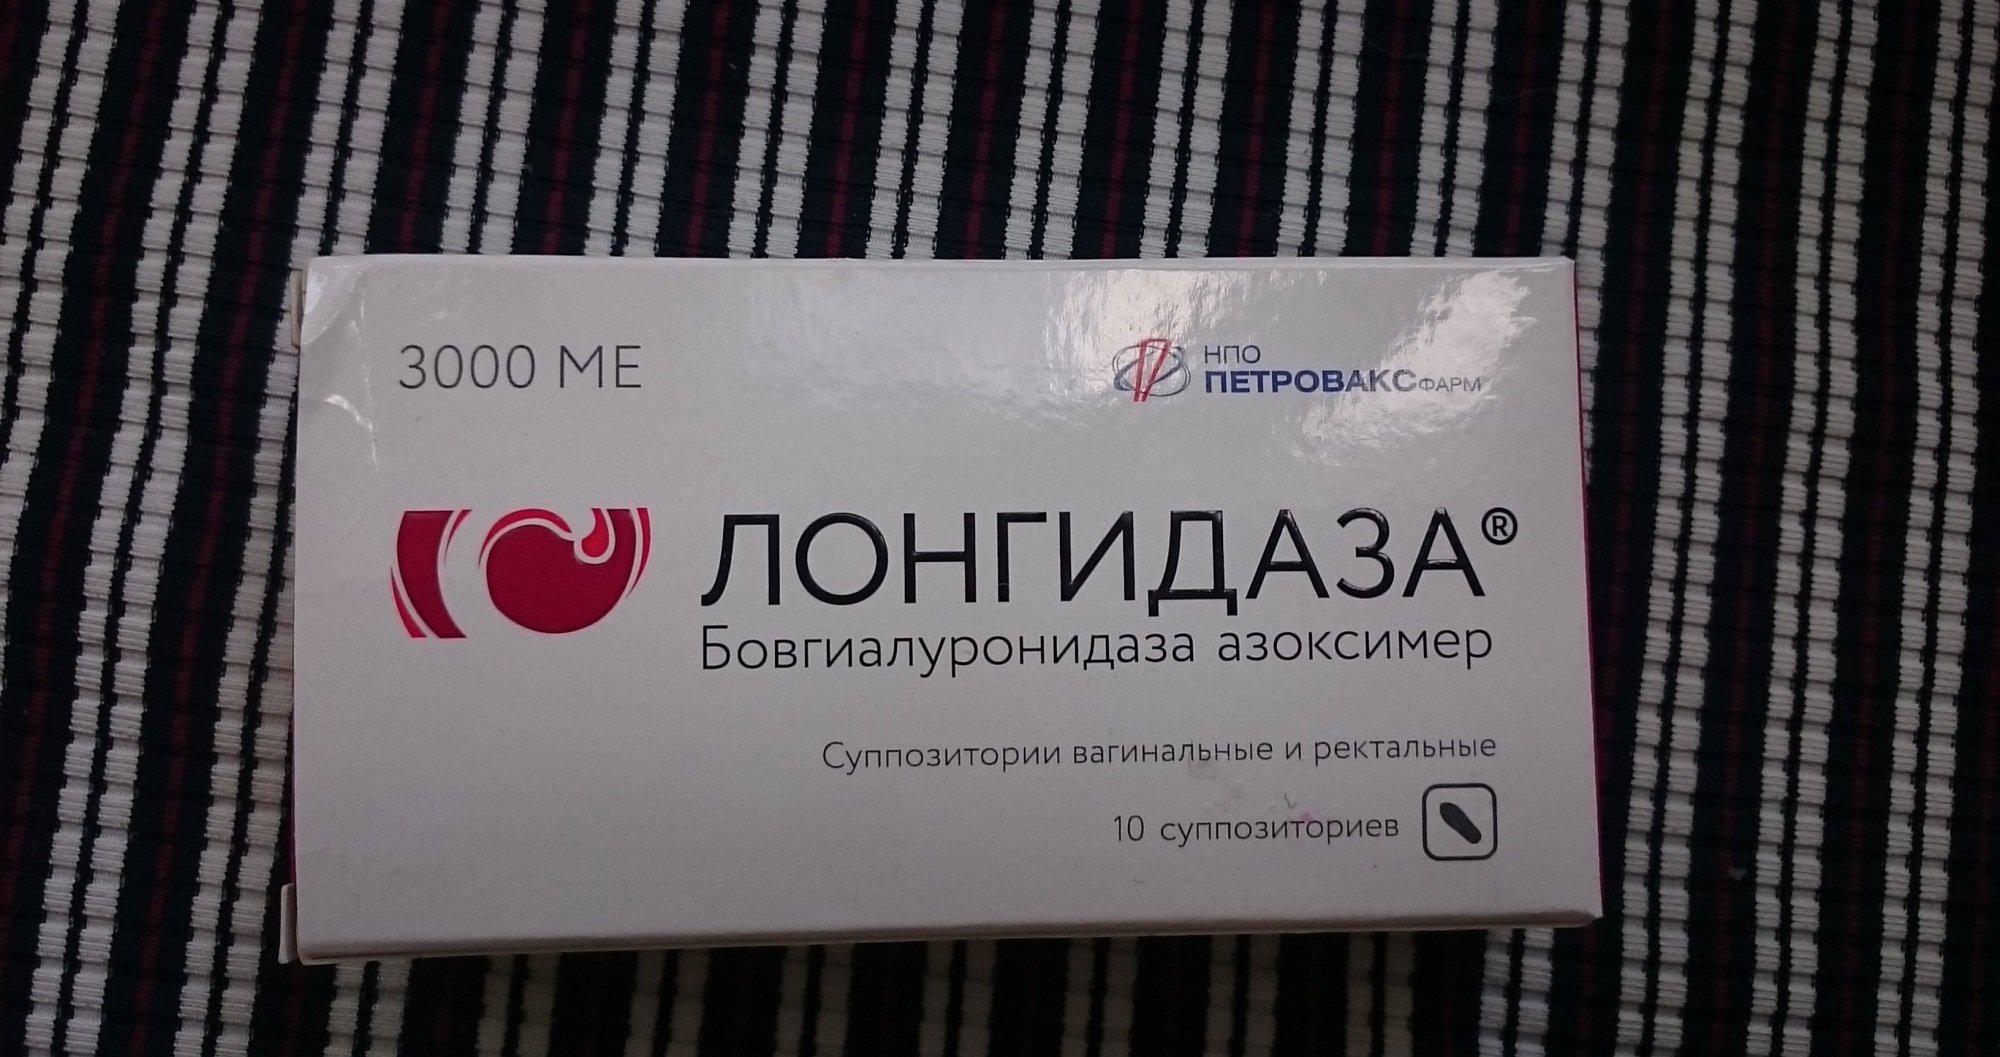 Лонгидаза свечи для лечения простатита простатит долго лечится